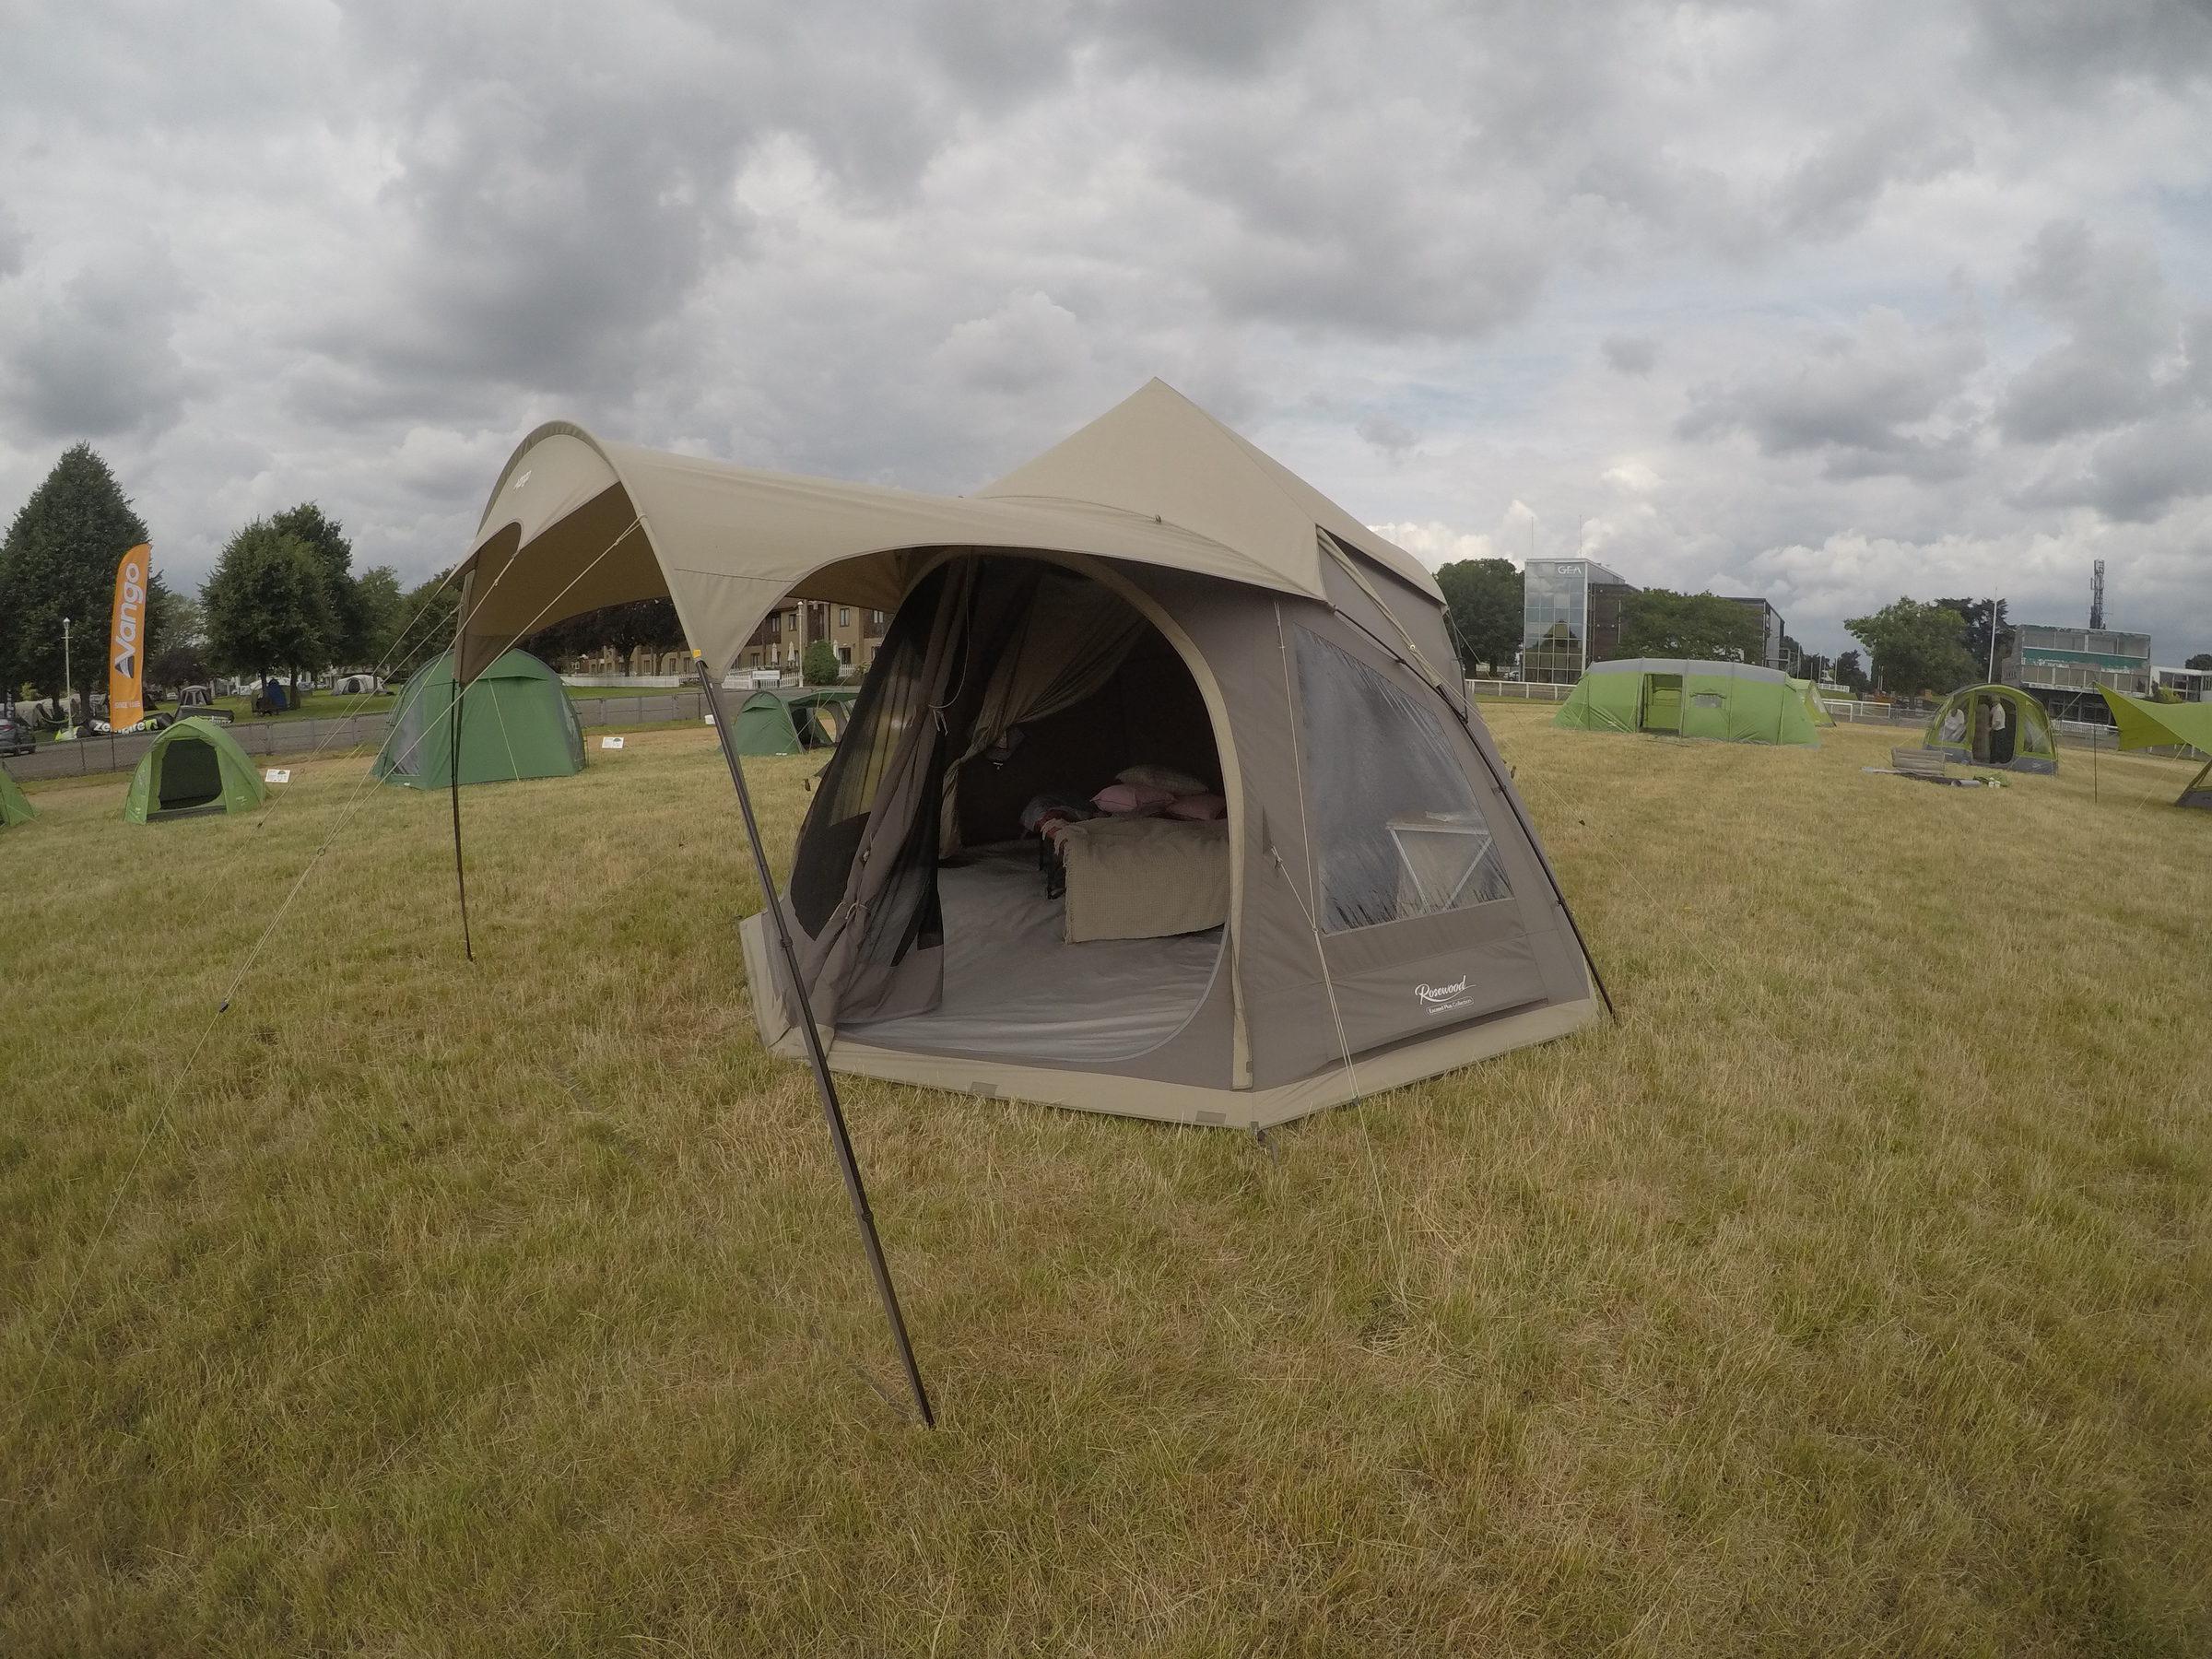 Vango Rosewood Tc Tipi Tent 20181